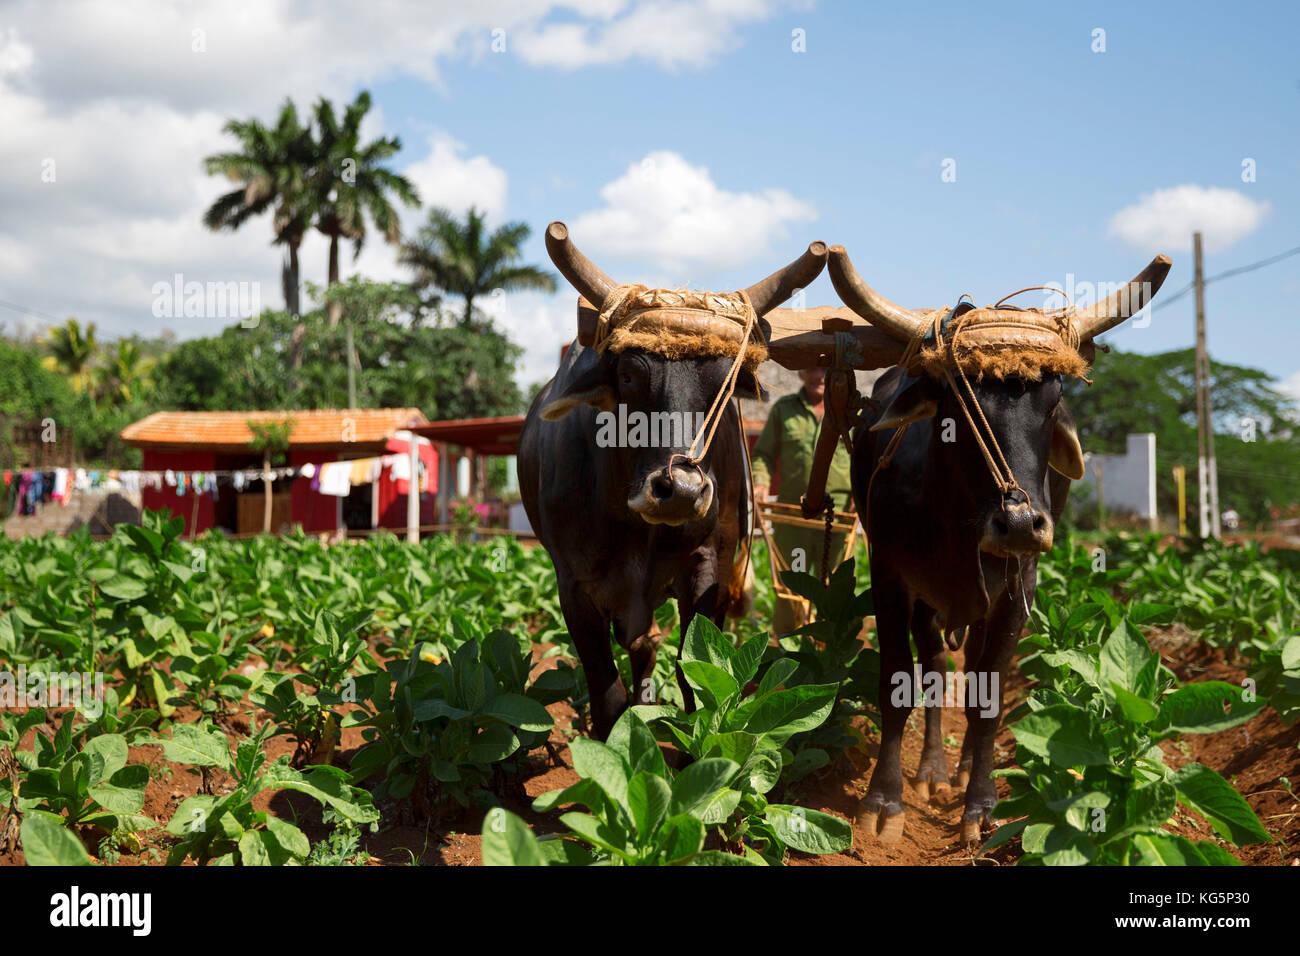 Cuba, Republic of Cuba, Central America, Caribbean Island. Havana district. Tobacco farm in Pinal dal Rio, cow, - Stock Image